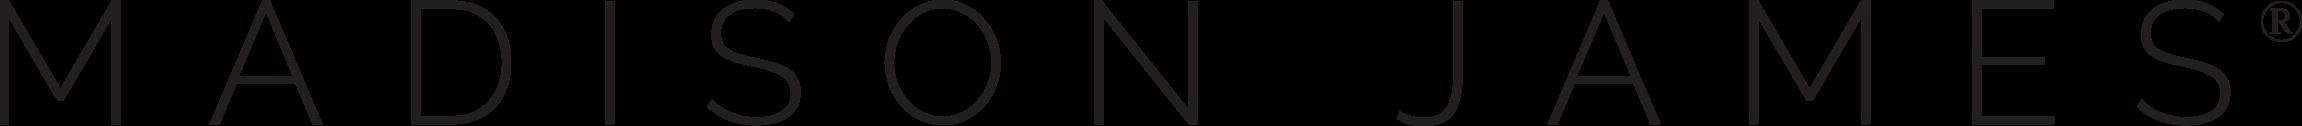 Madison James Bridal Logo